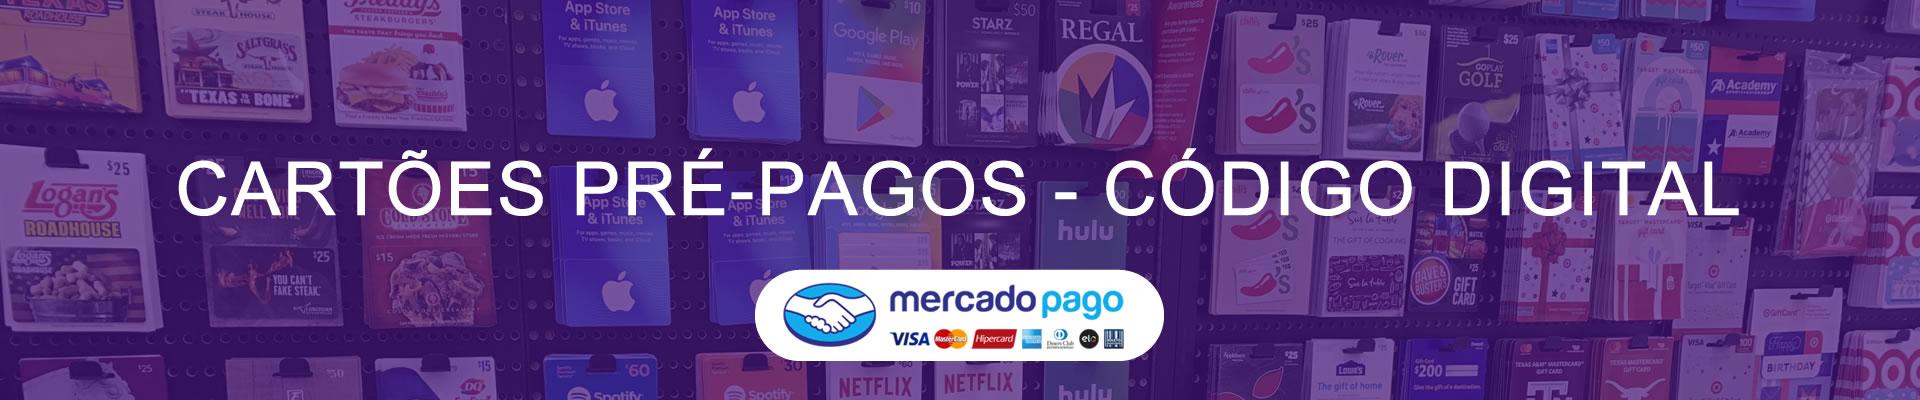 cartoes-pre-pago-digital